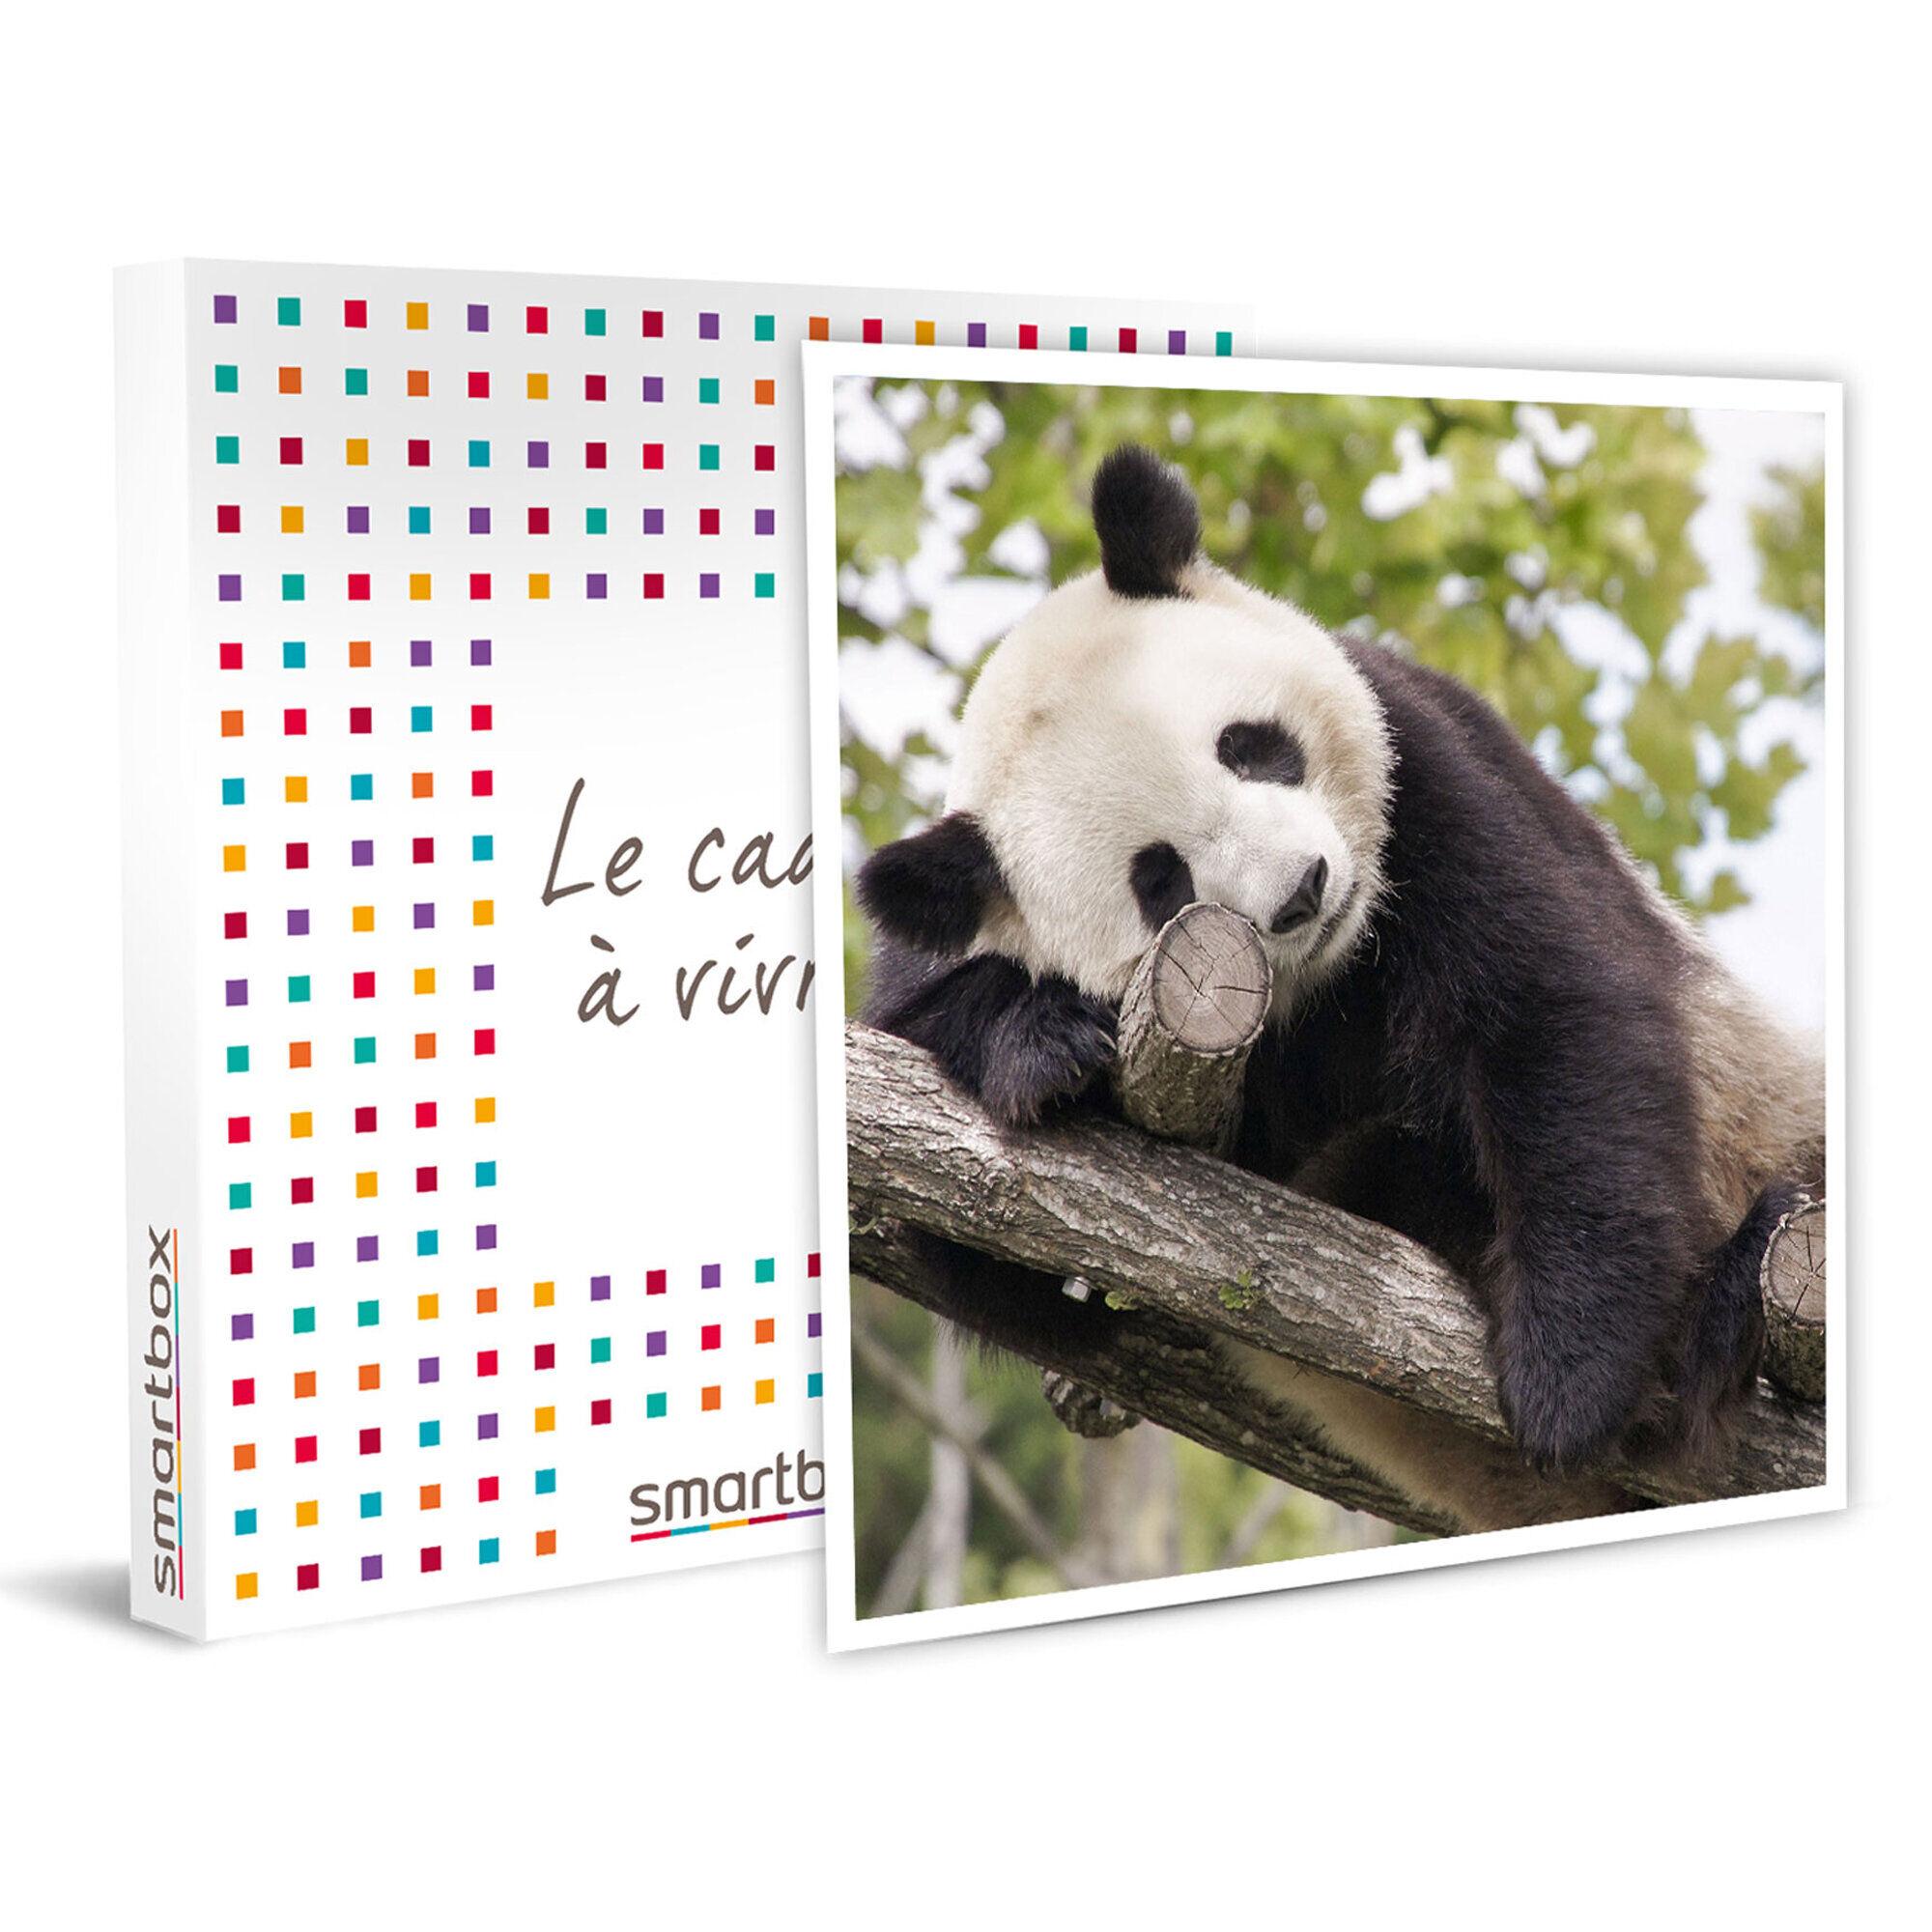 Smartbox Découverte du ZooParc de Beauval pour 2 adultes et 1 enfant Coffret cadeau Smartbox